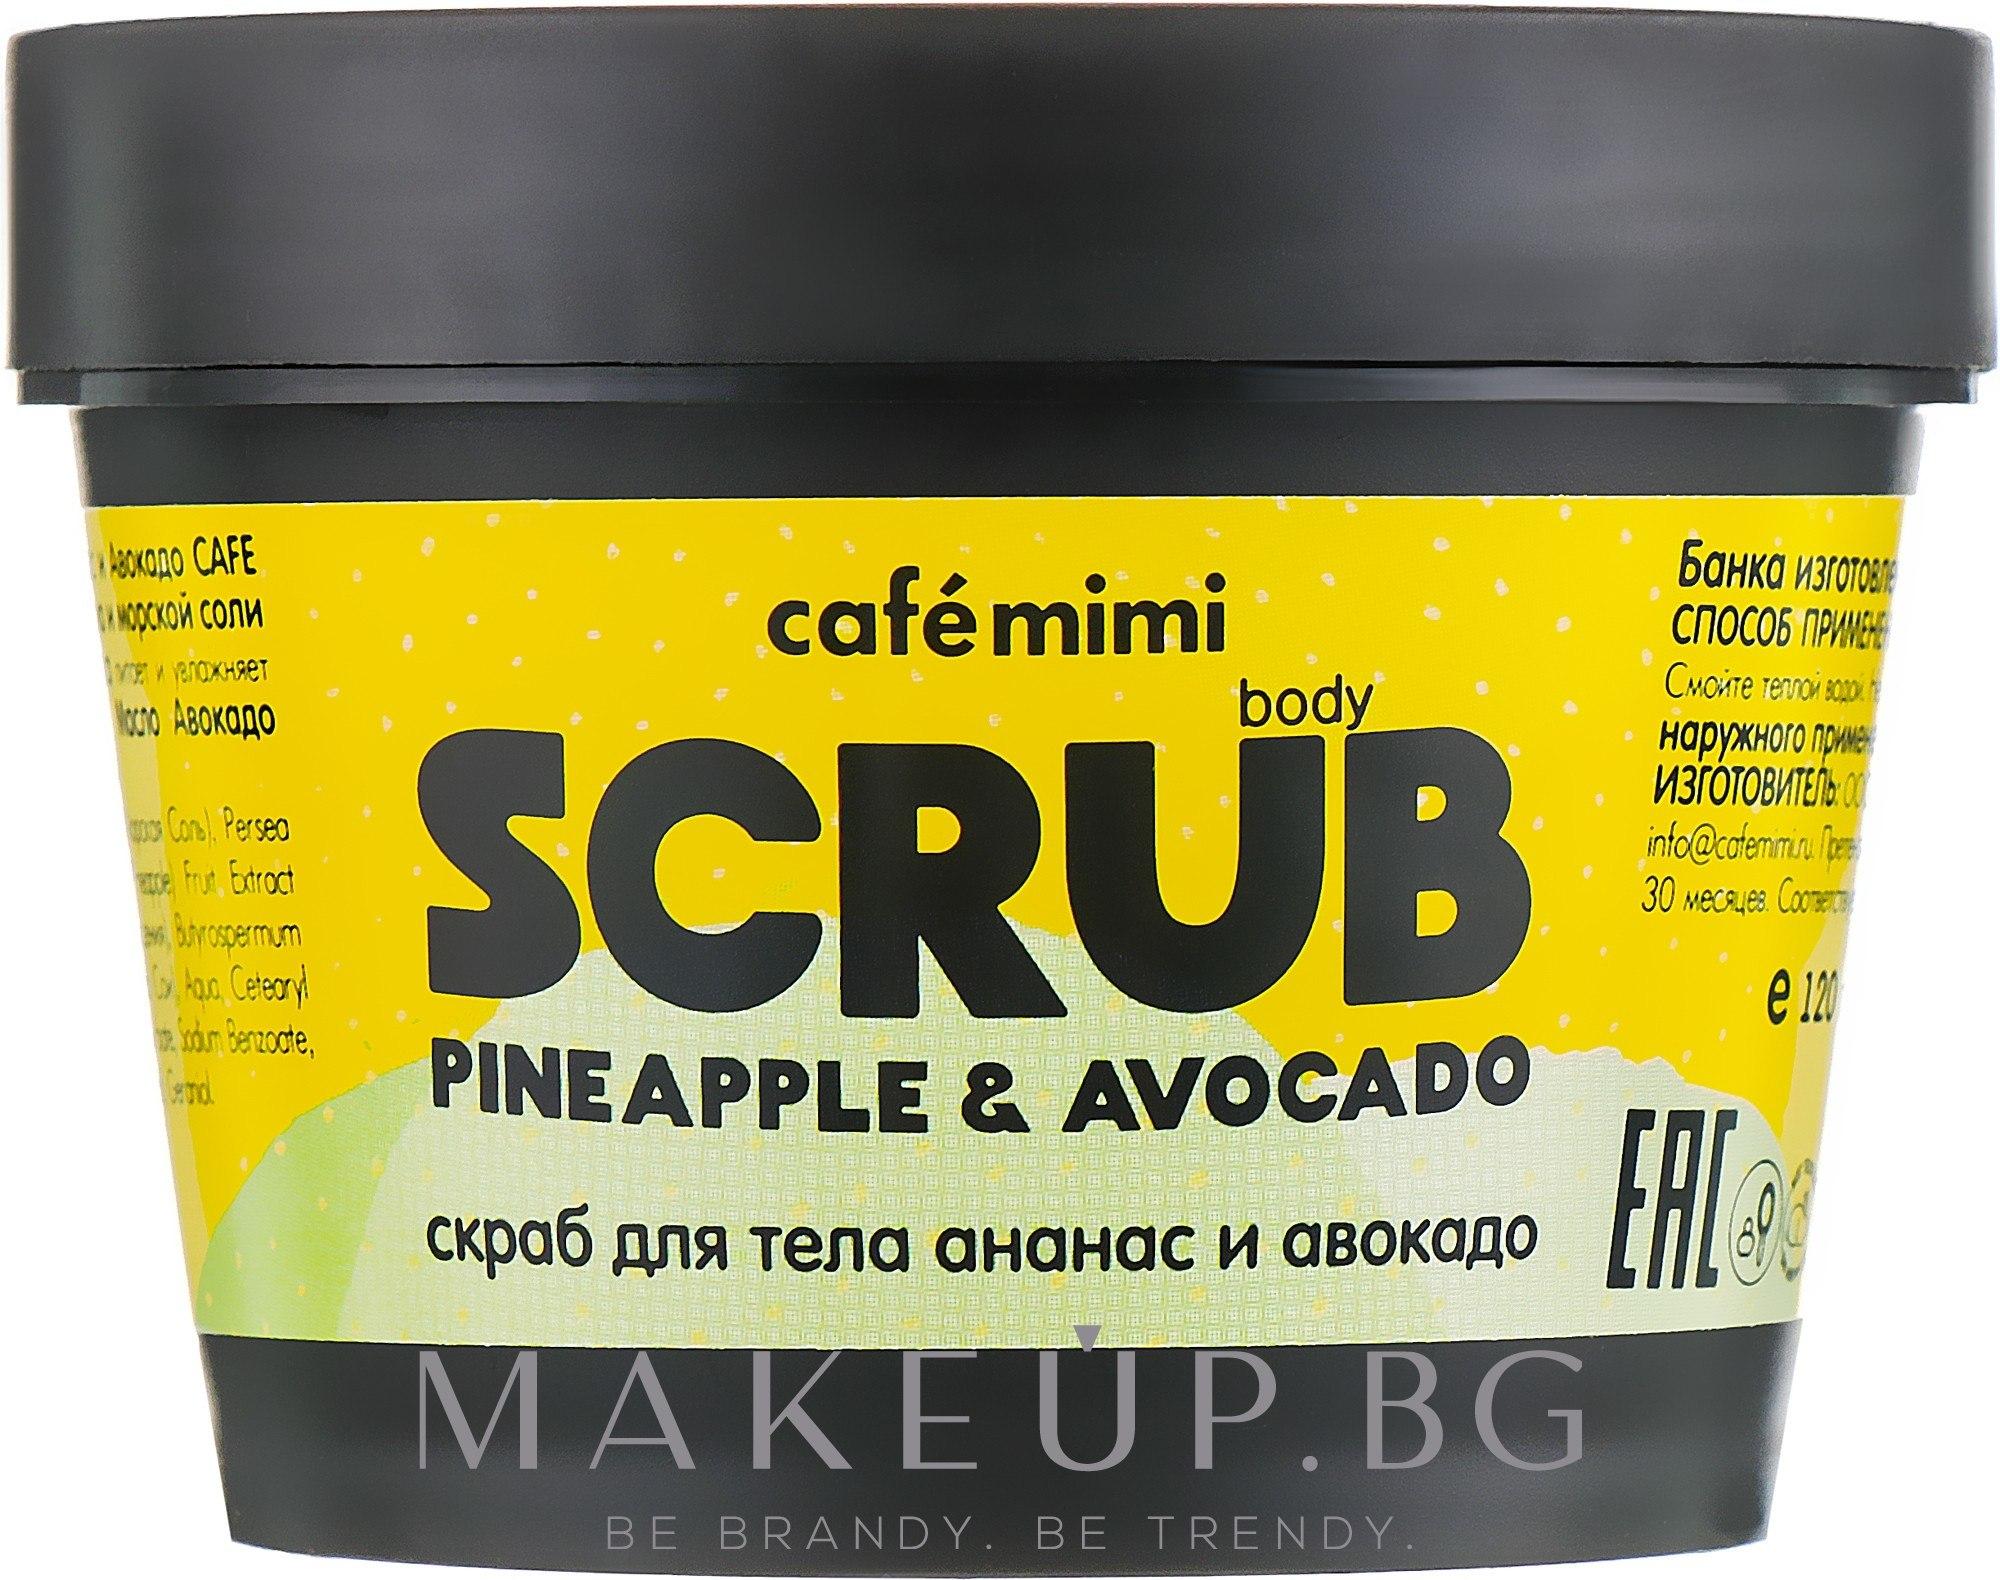 """Скраб за тяло """"Ананас и авокадо"""" - Cafe Mimi Body Scrub Pine Apple & Avocado — снимка 120 g"""